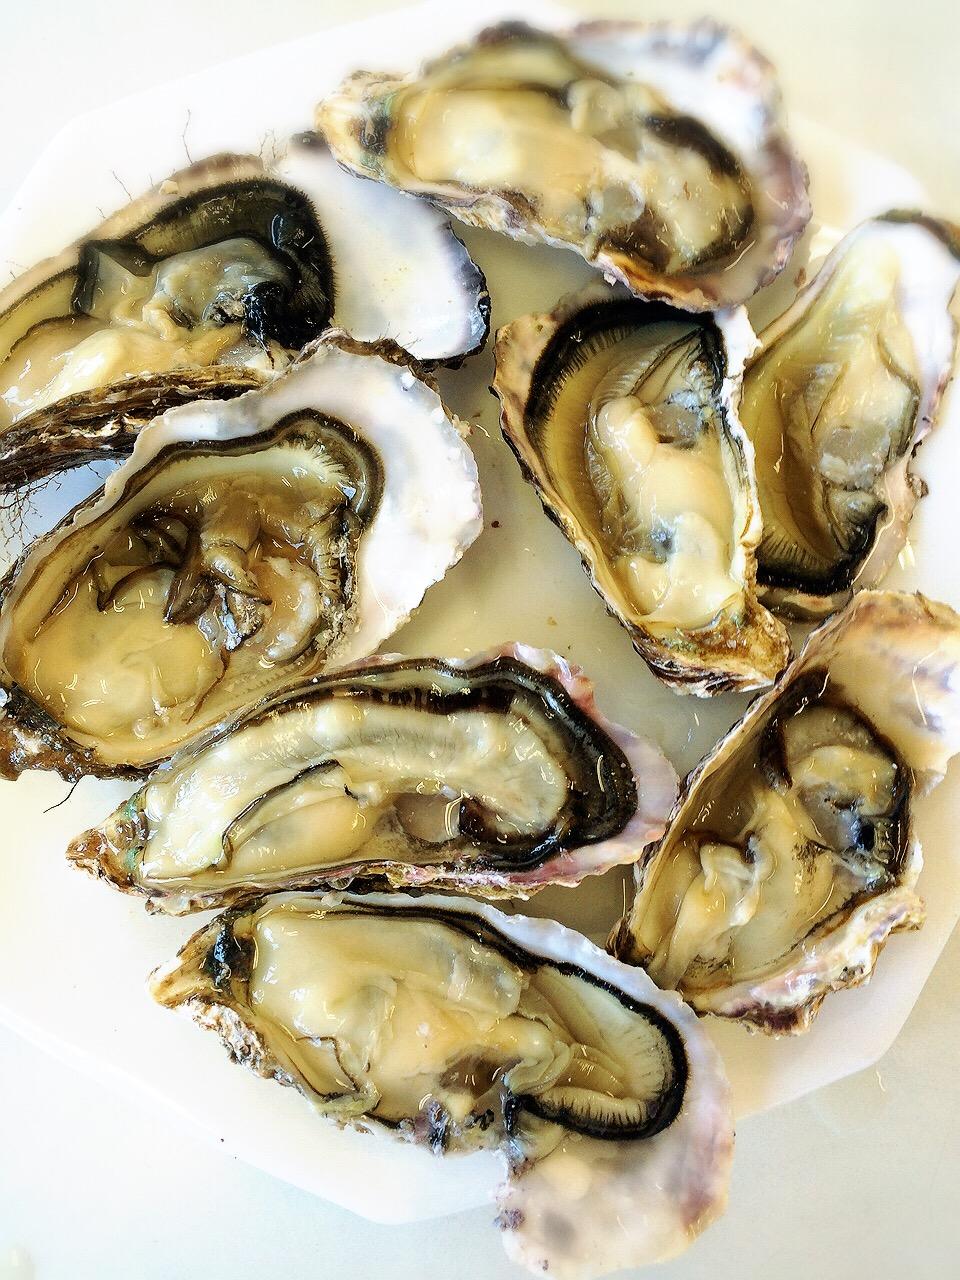 川崎市地方卸売市場南部市場水産牡蠣三栄水産山定水産